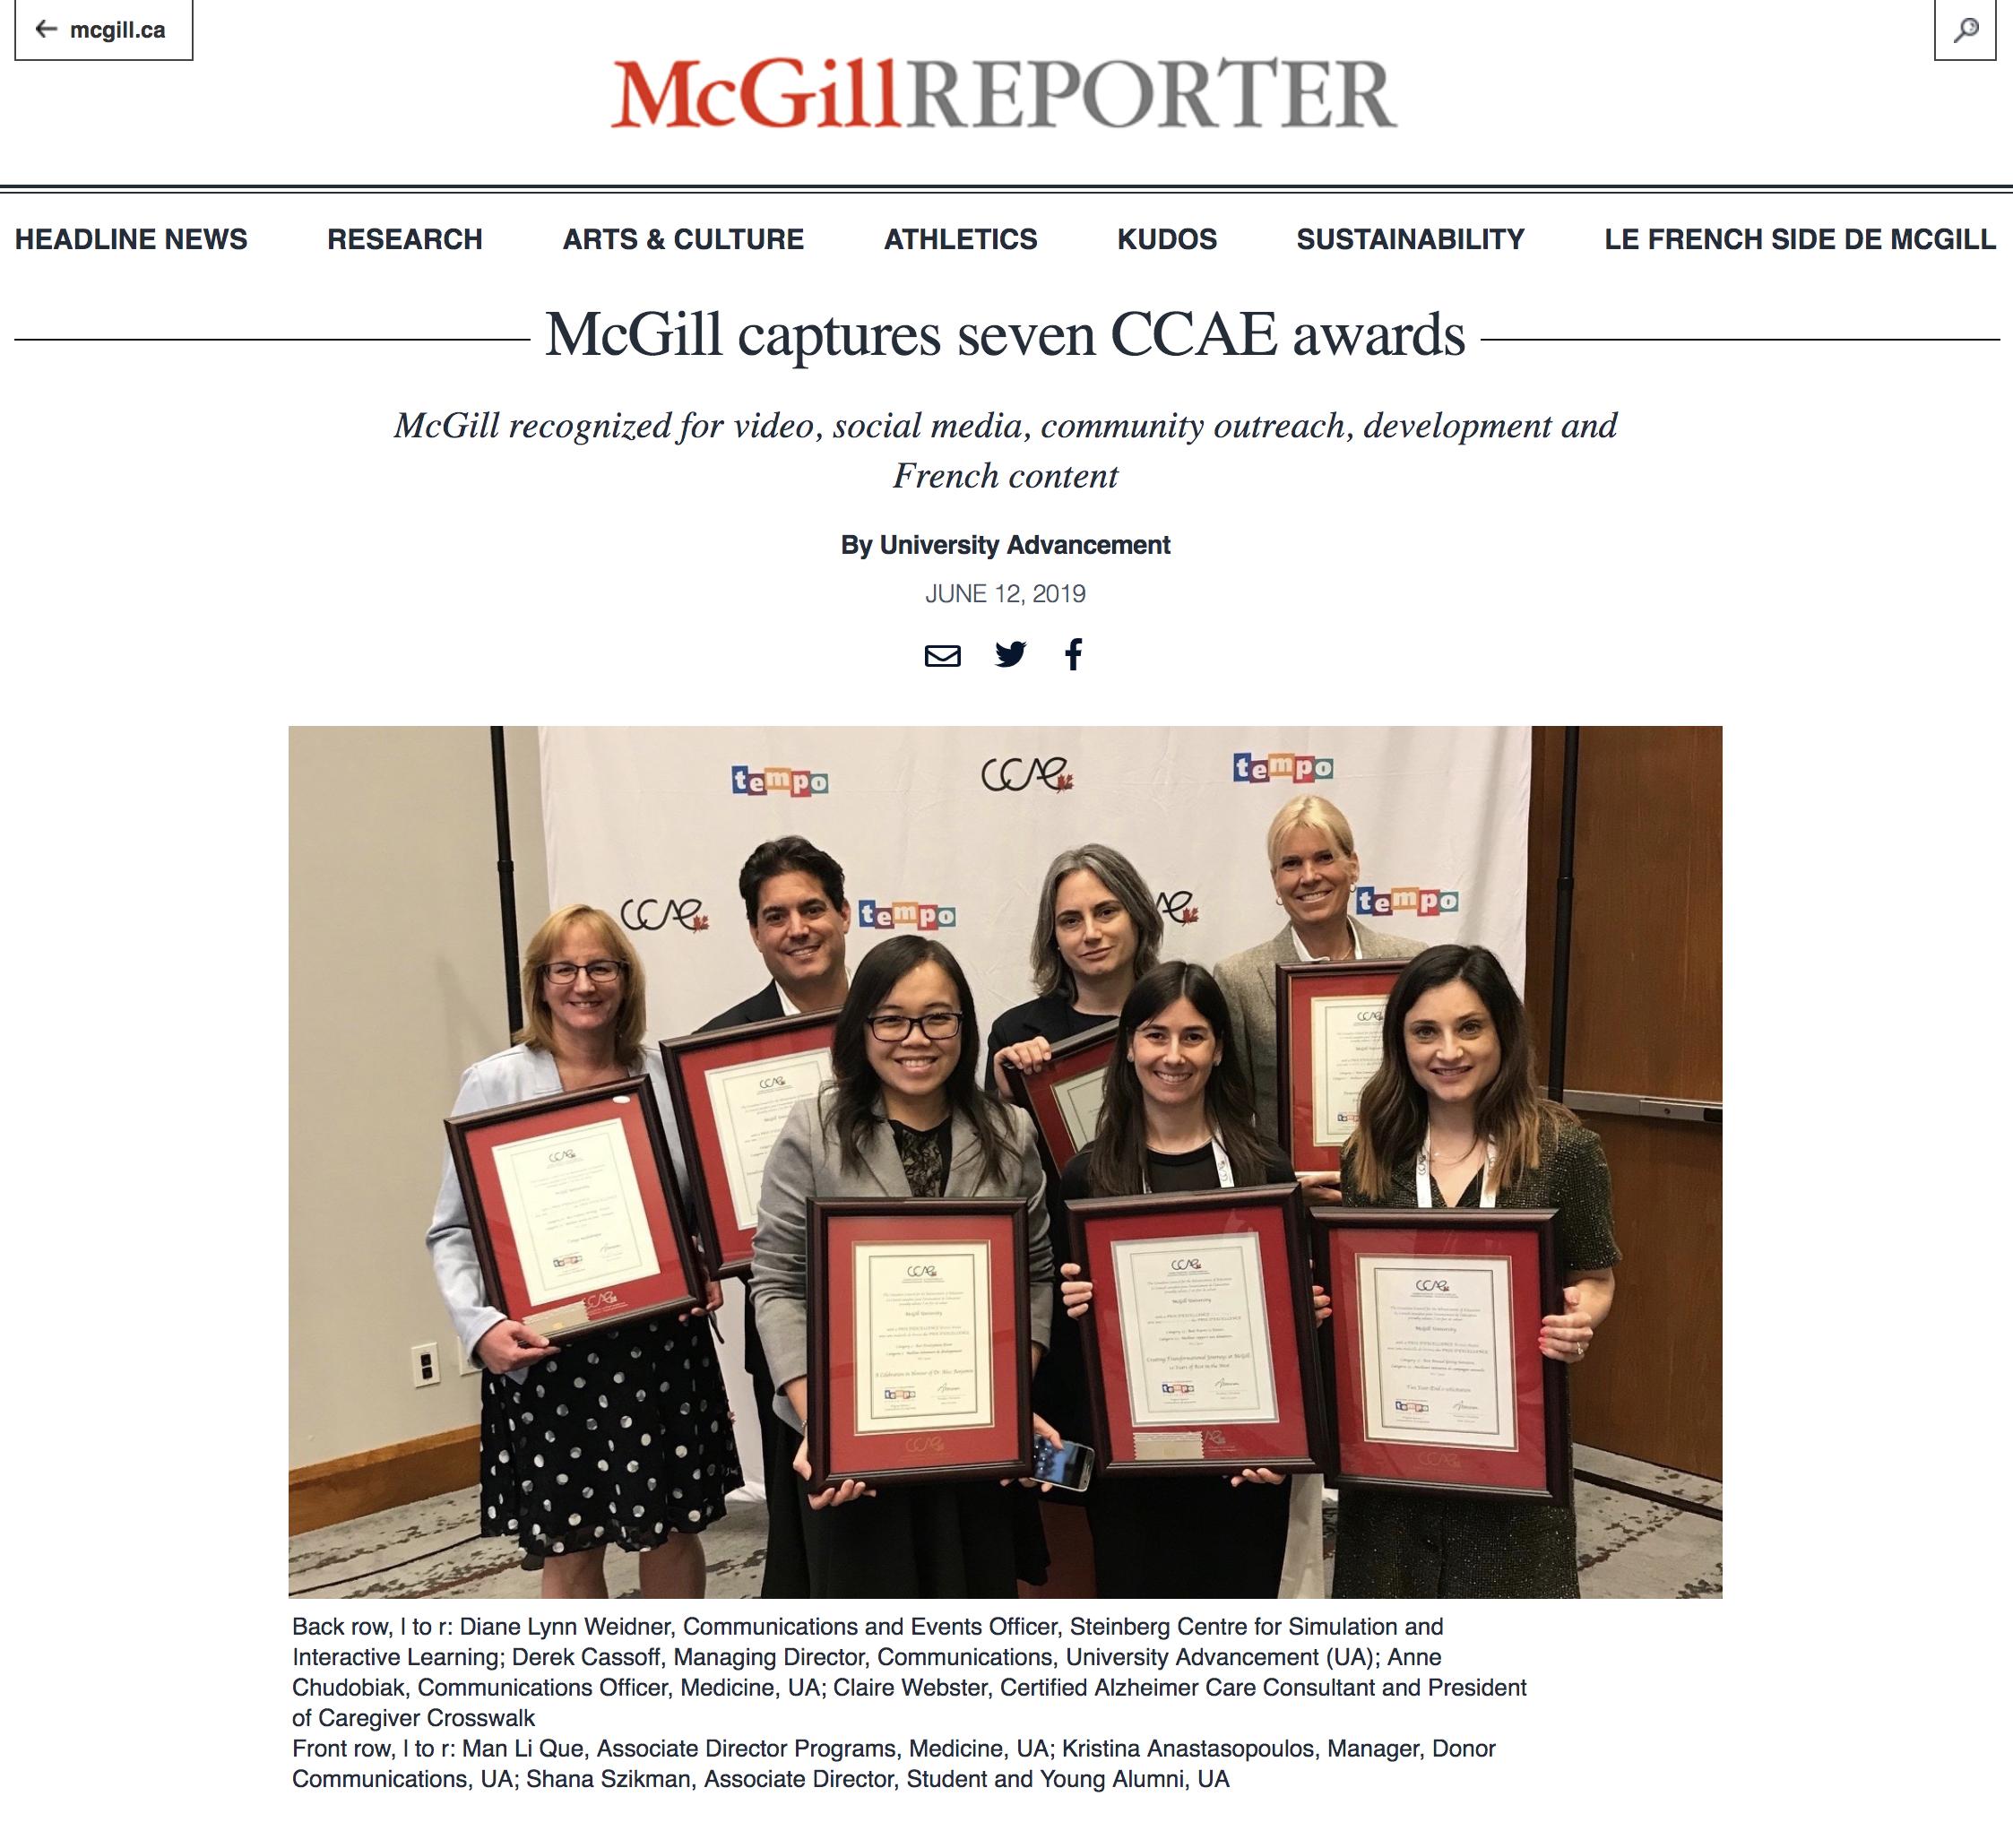 McGill Reporter - McGill Captures Seven CCAE Awards